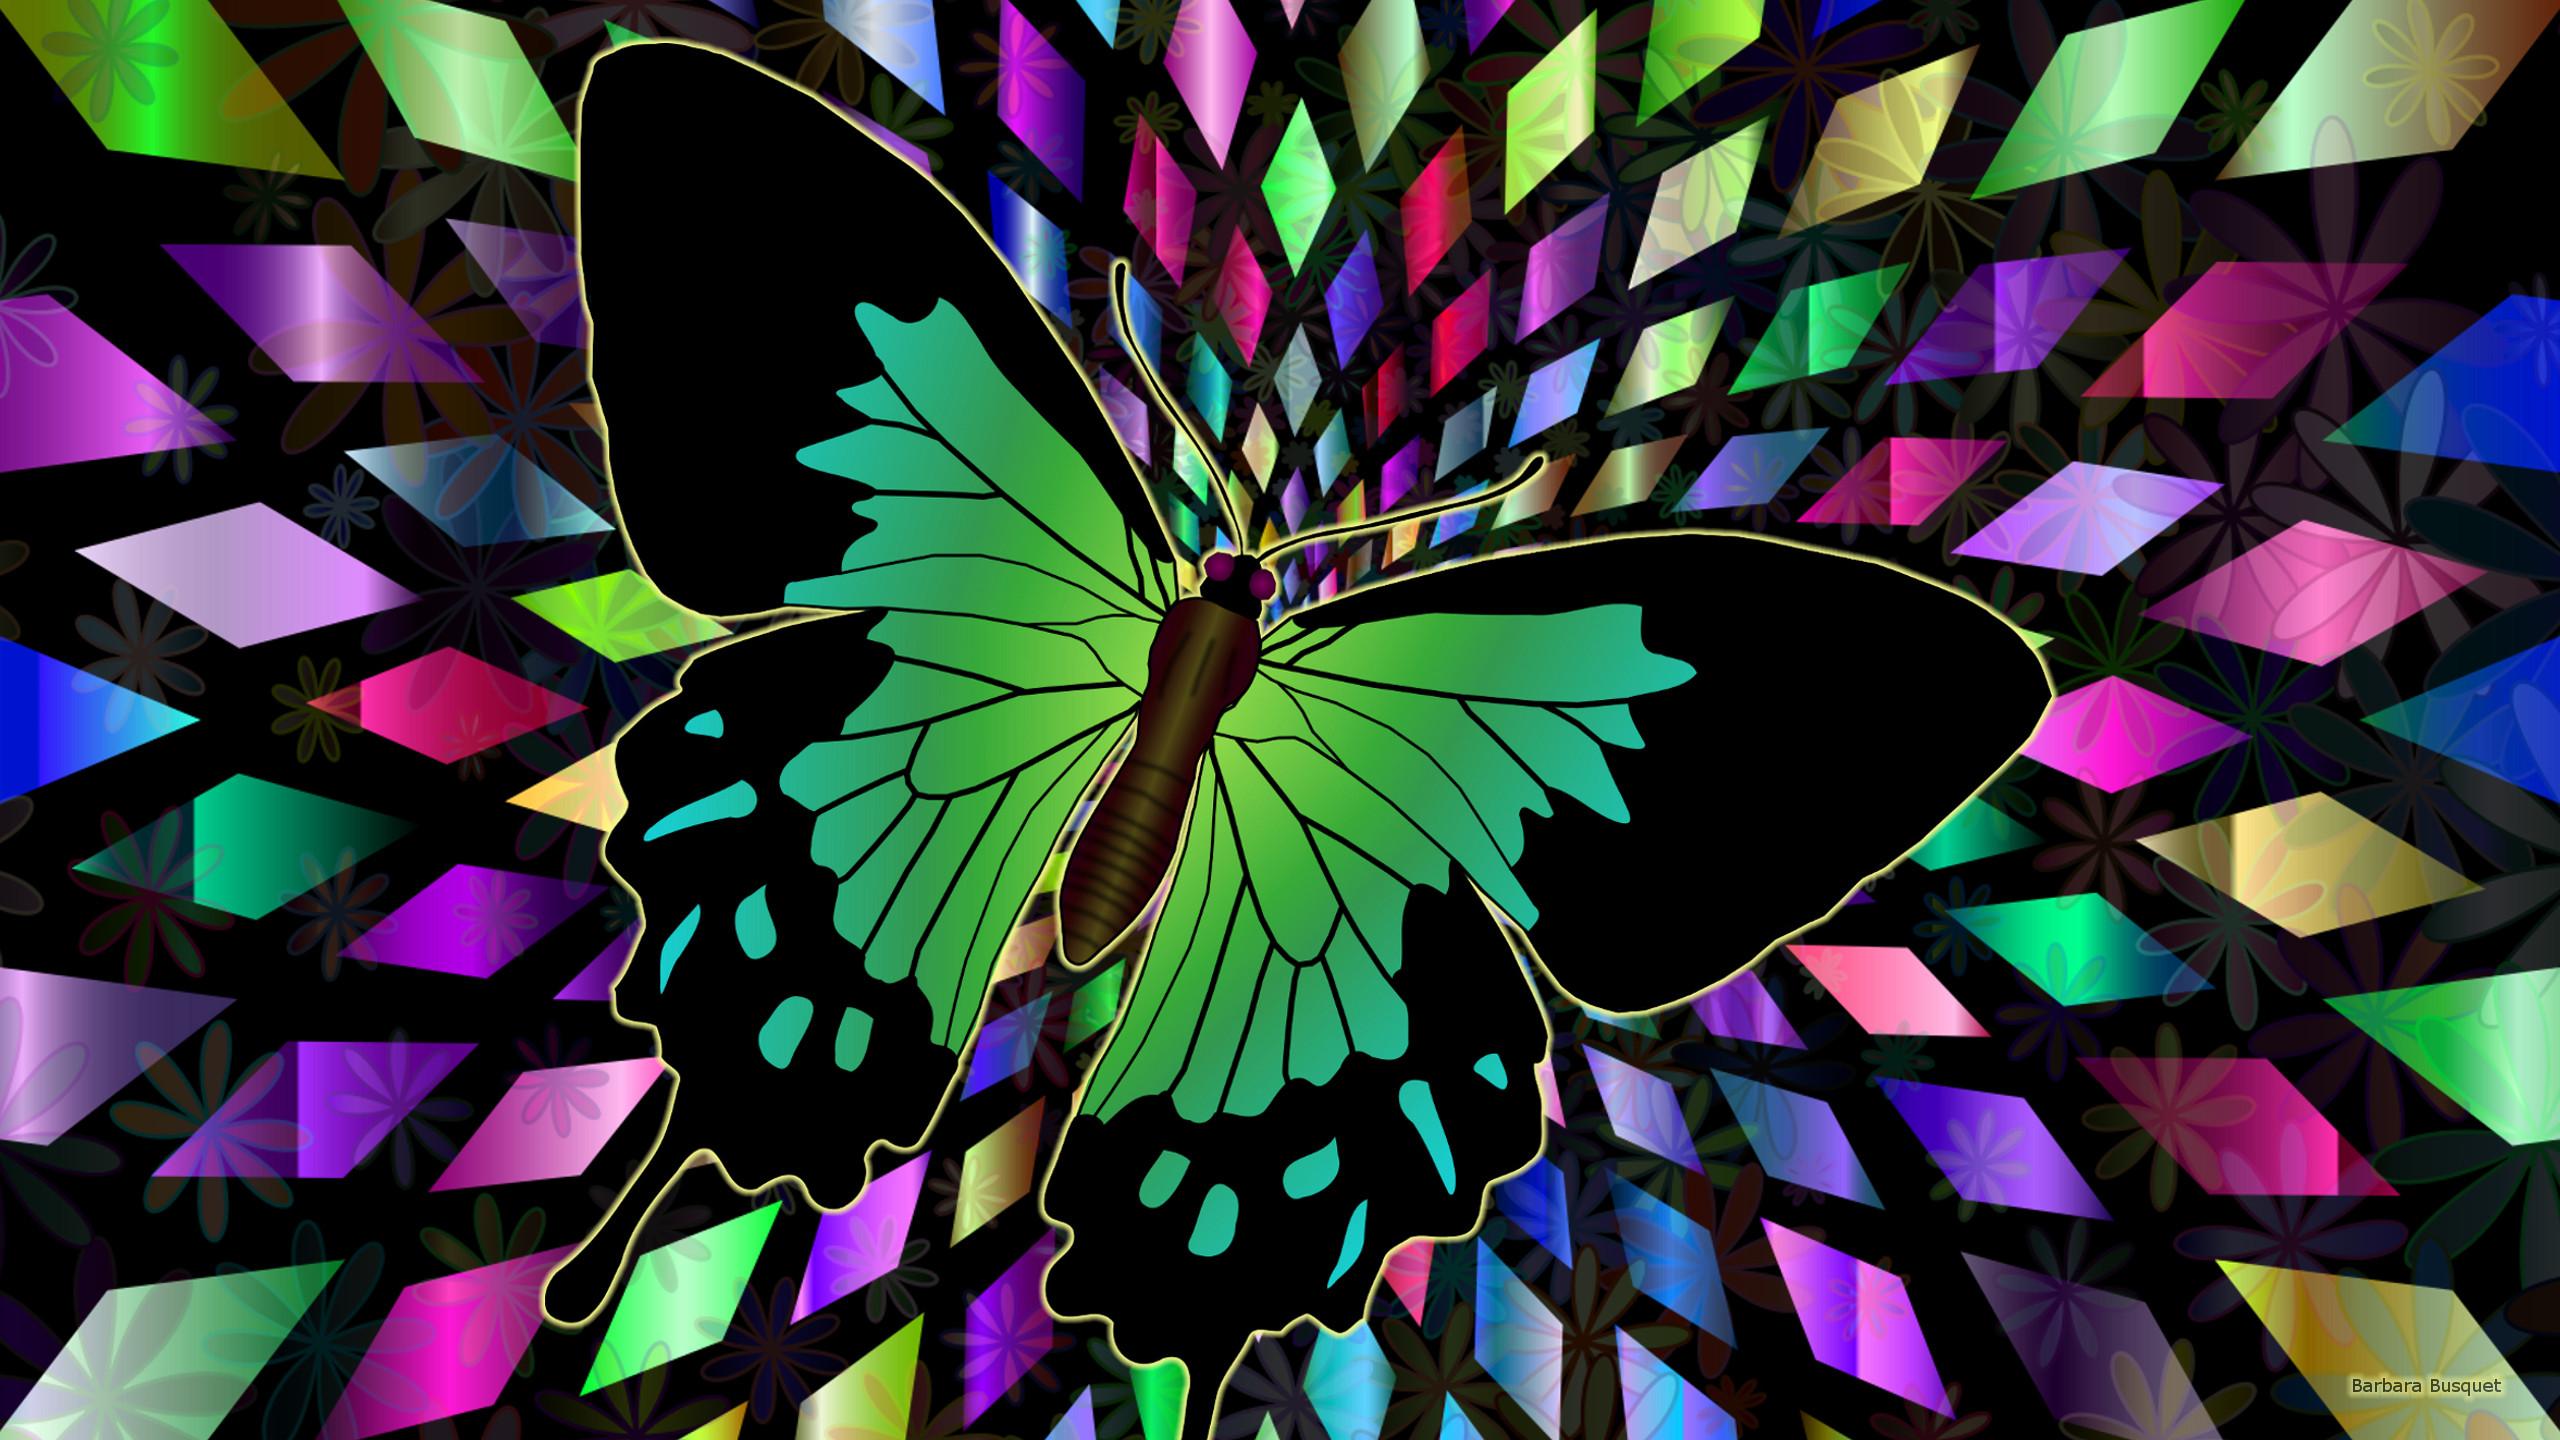 Butterfly Wallpaper Rainbow Butterfly Wallpaper Hd: Barbaras HD Wallpapers